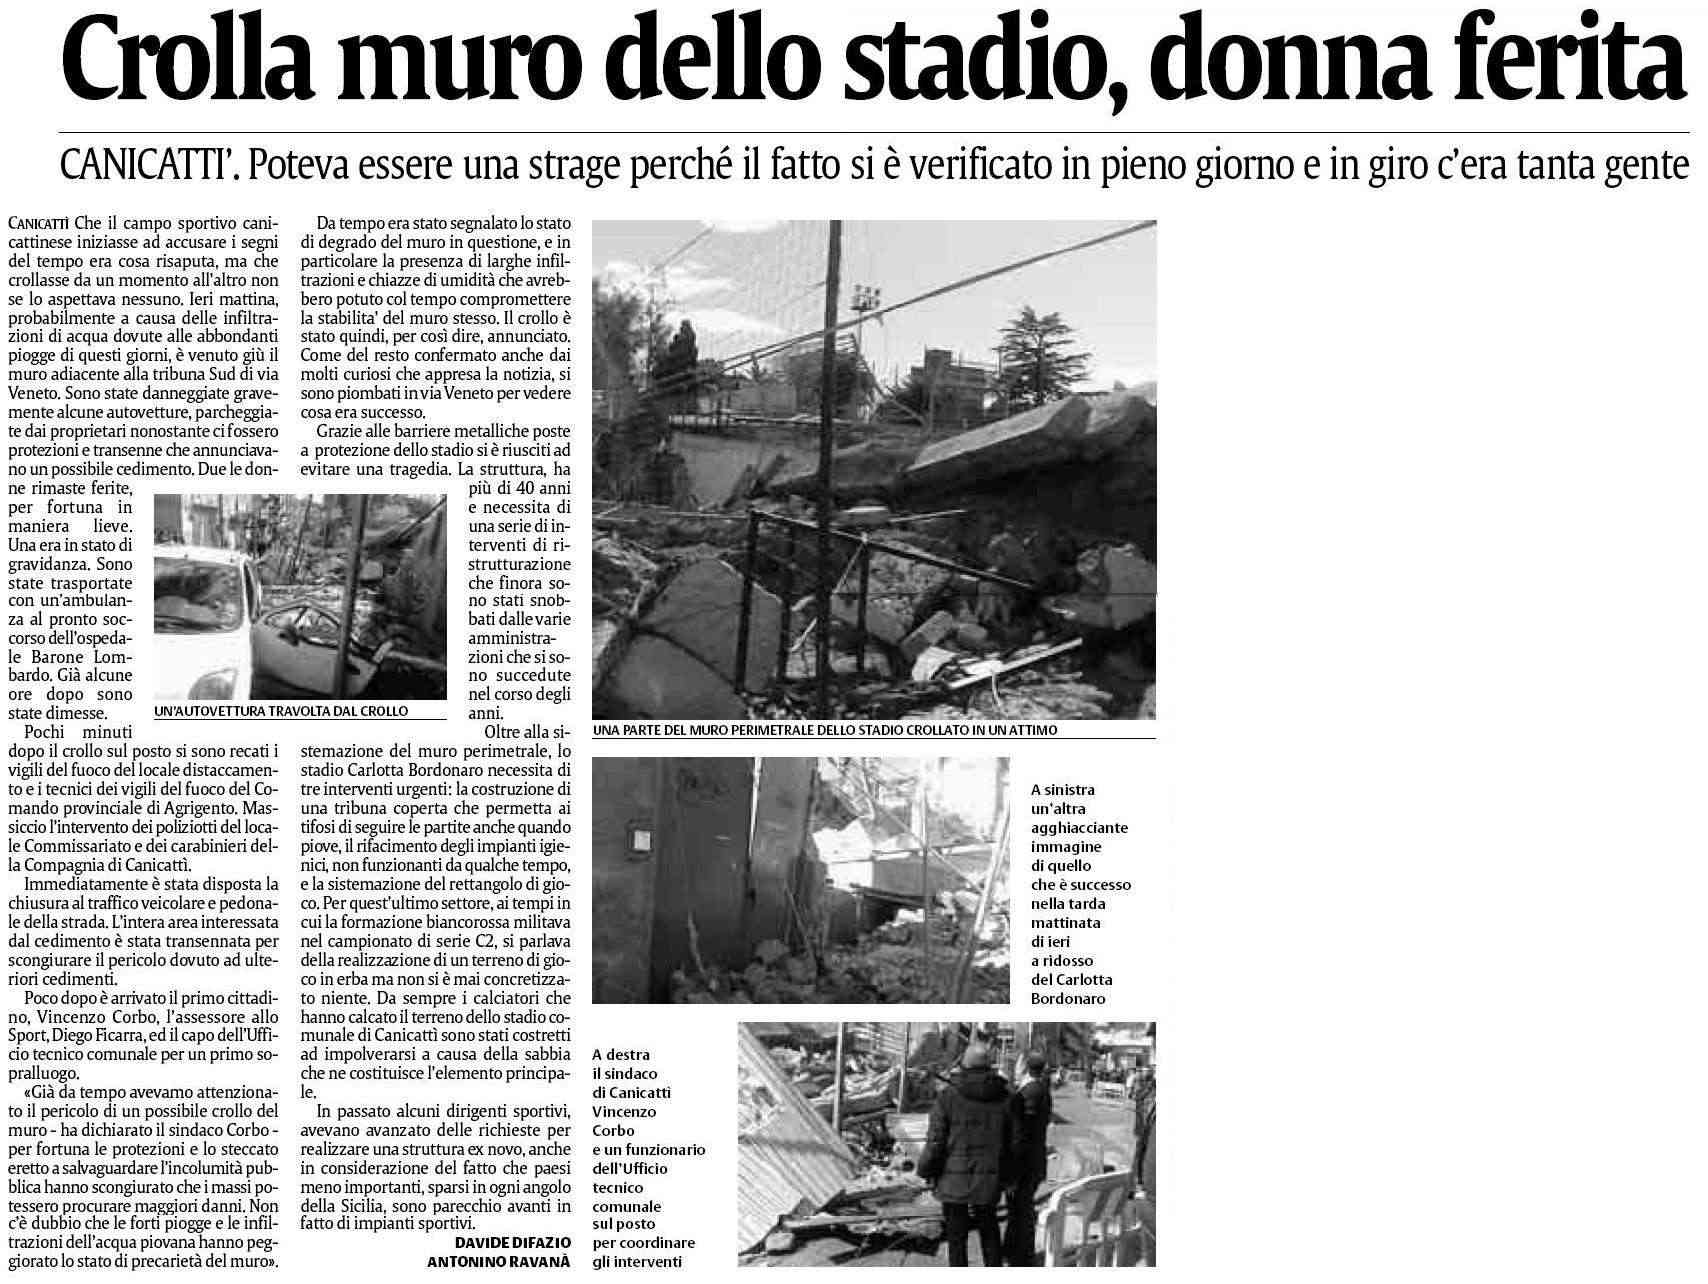 Crolla Muro Dello Stadio Bordonaro Di Canicattì!!! Cattur20